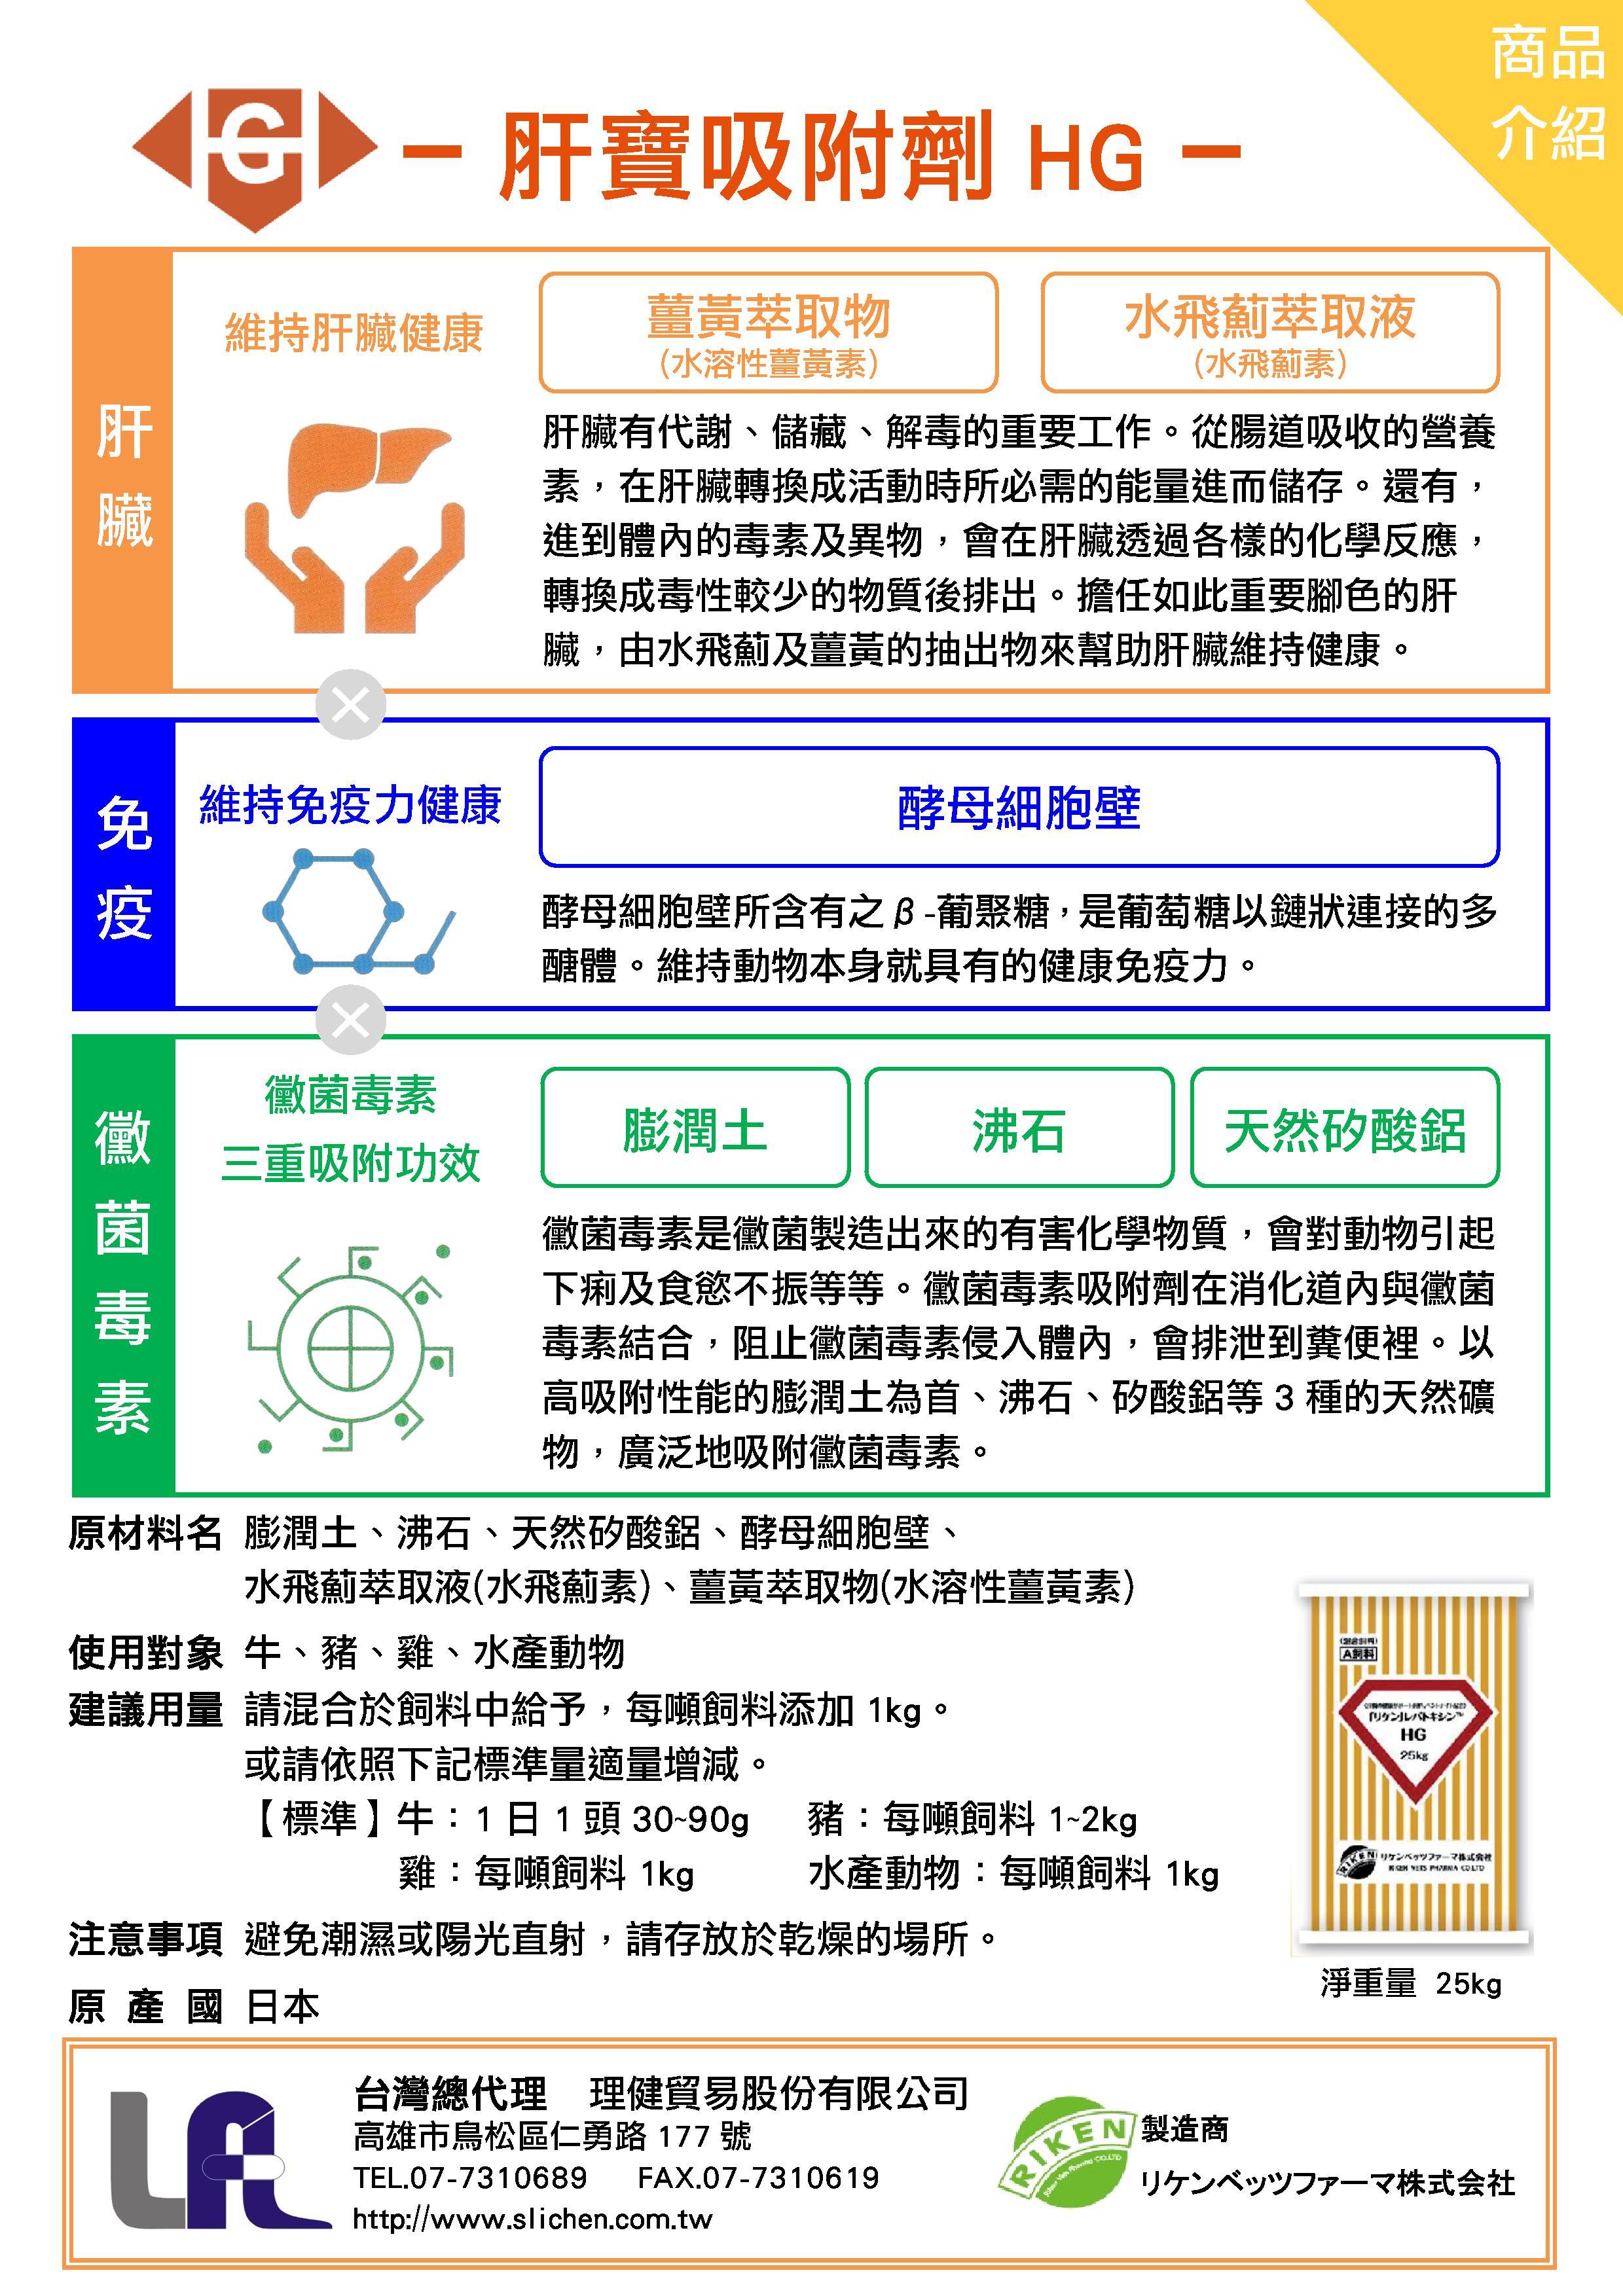 肝寶吸附劑DM-牛_20190225-p4